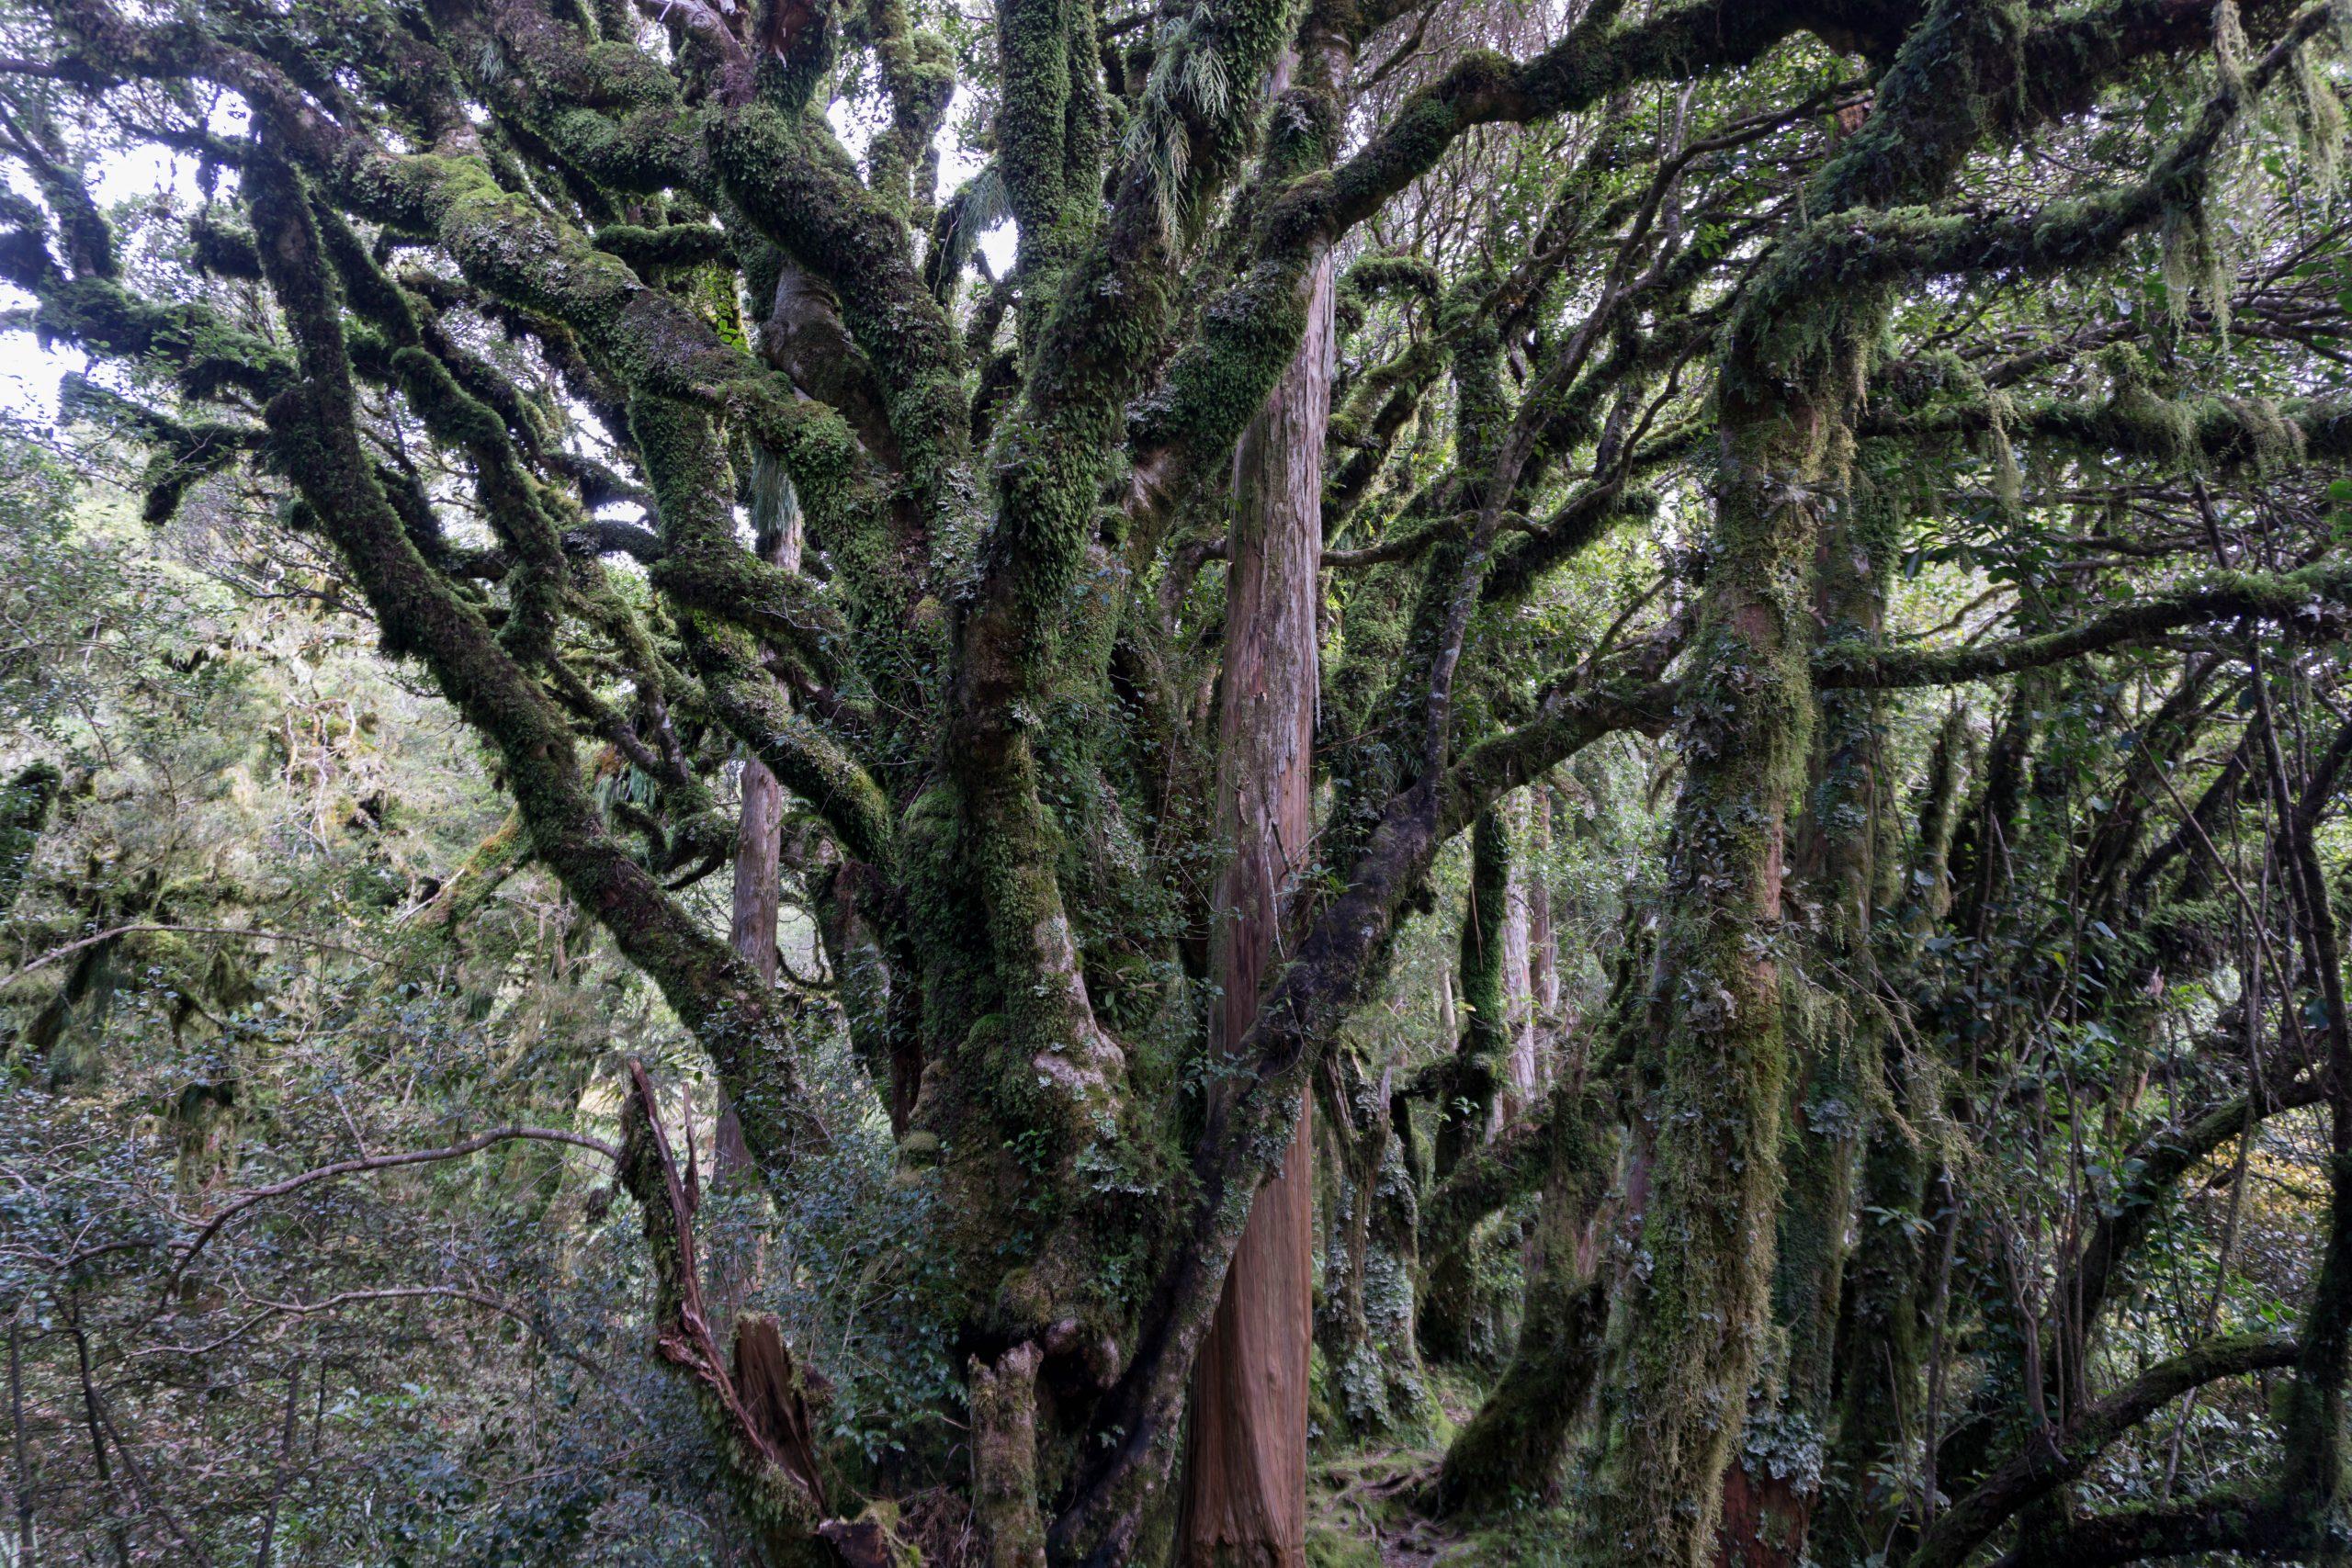 Goblin Forest Trees in Egmont National Park